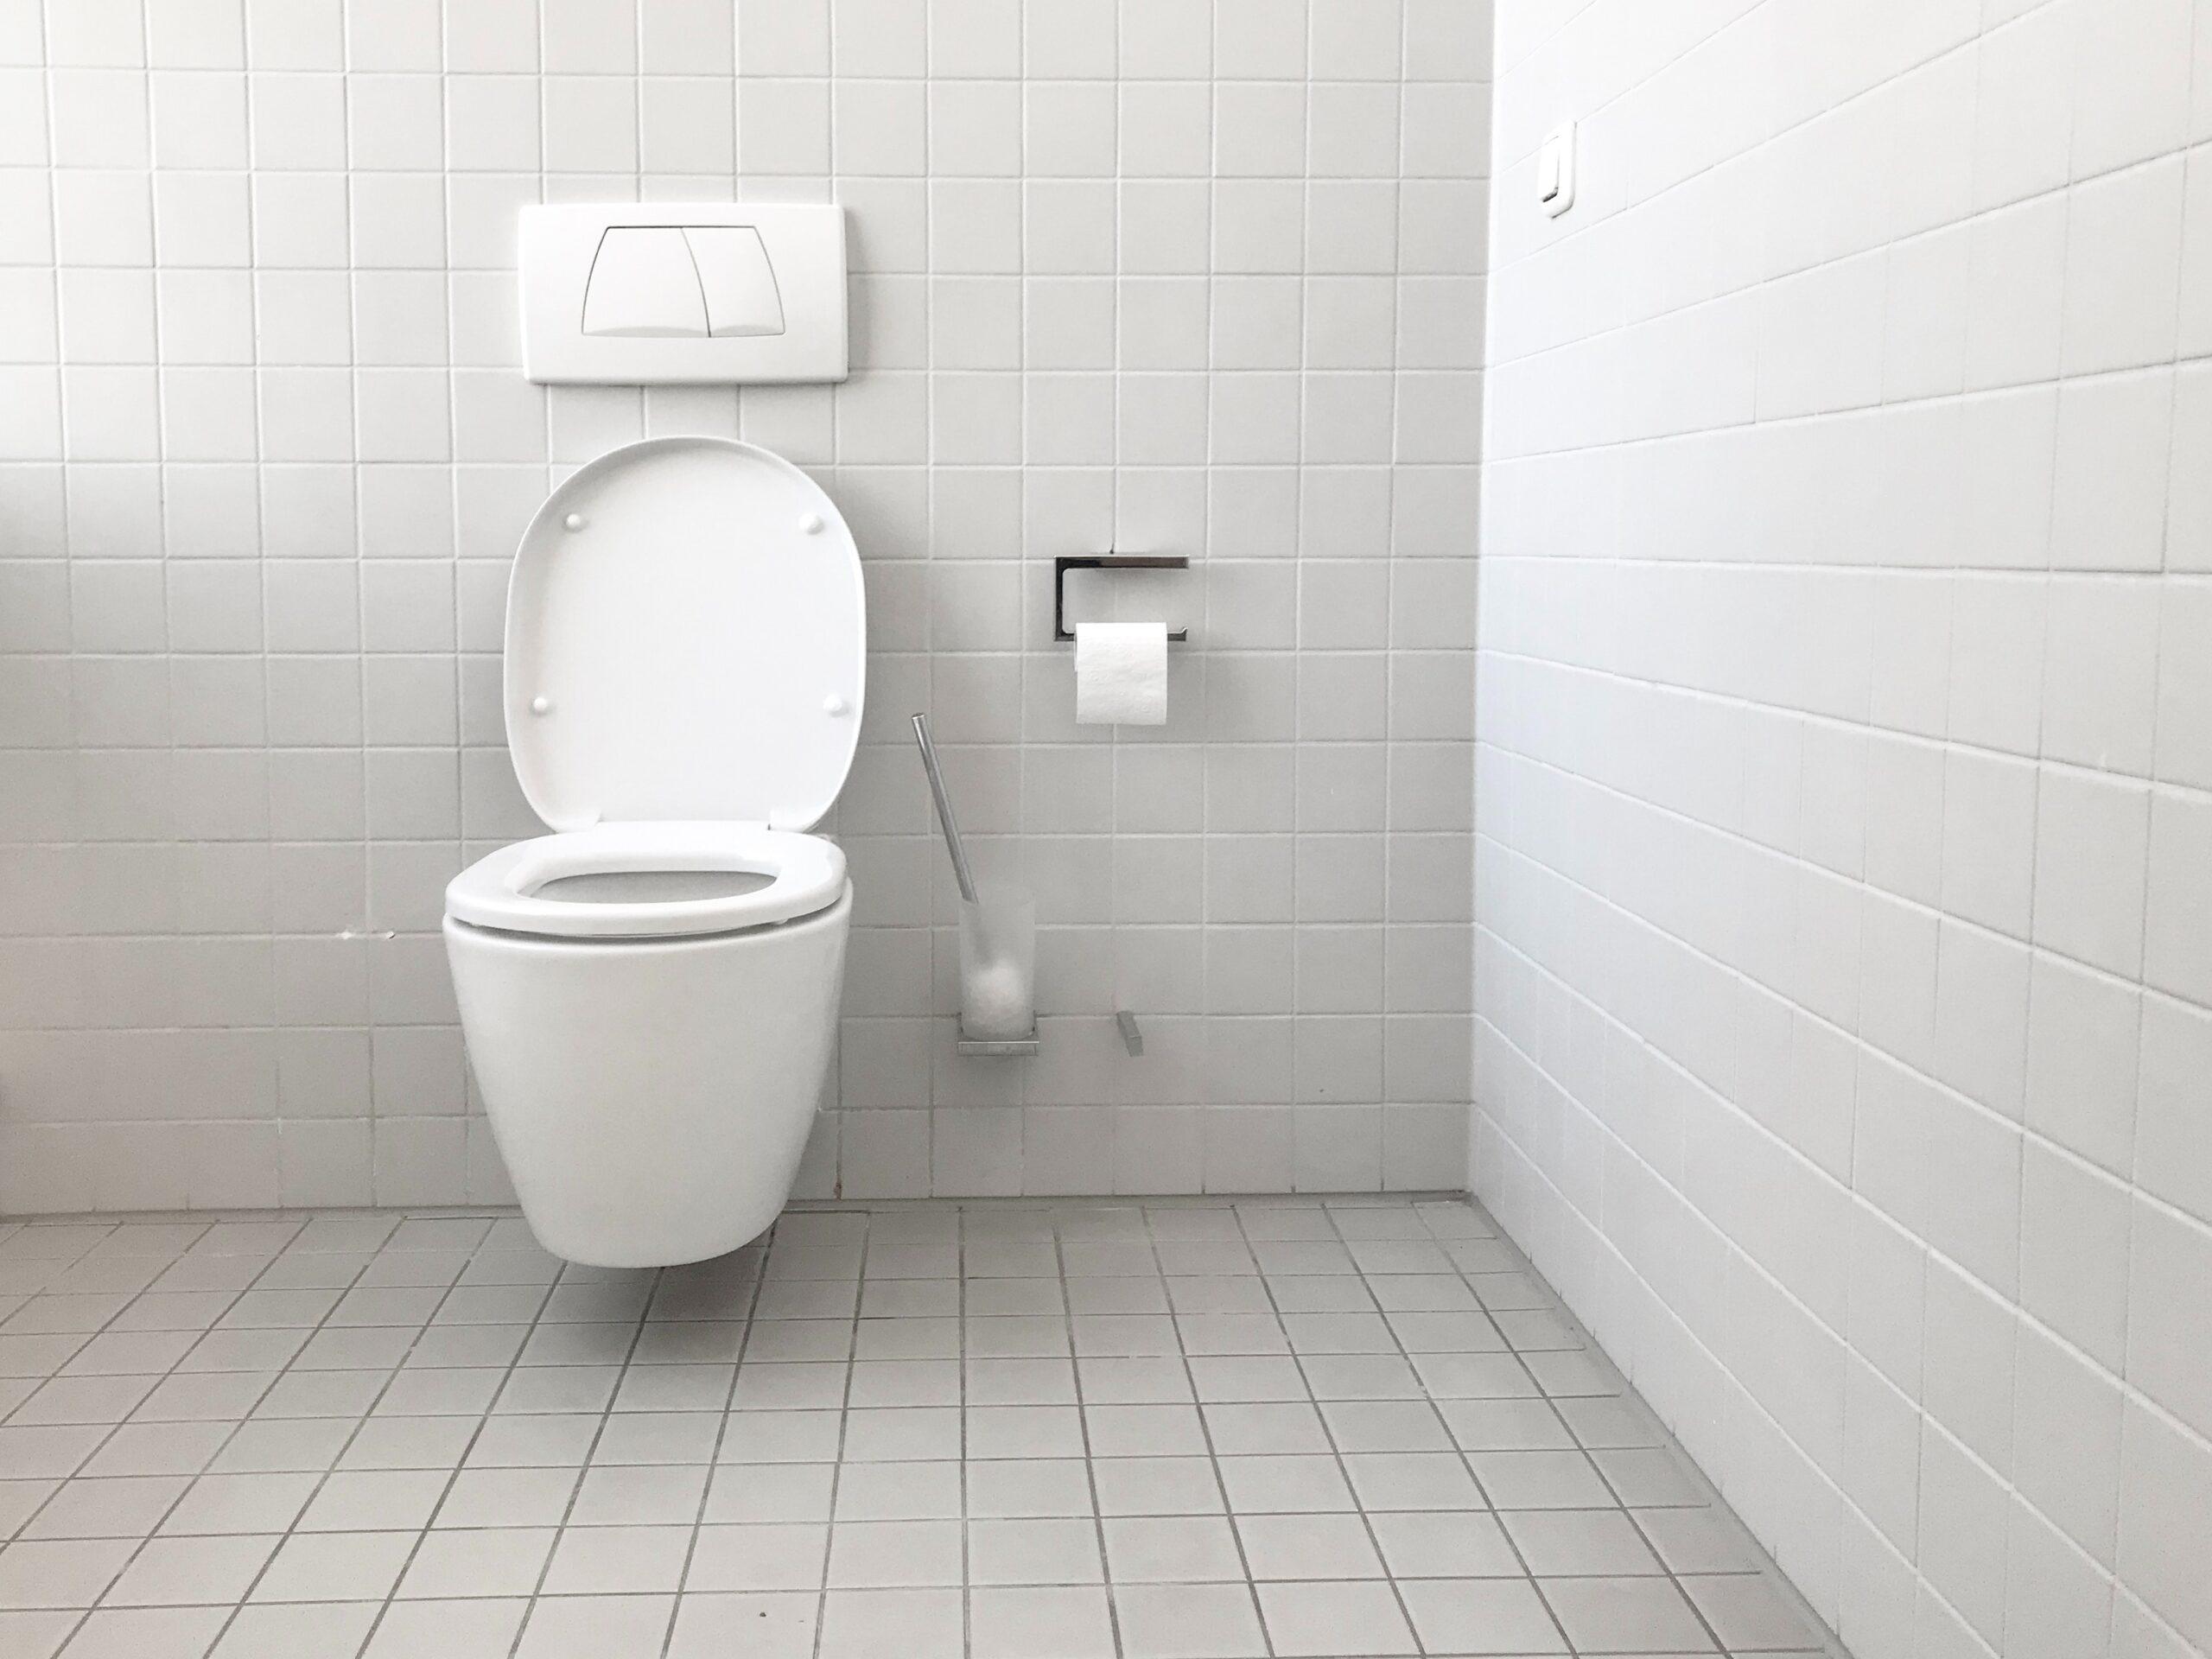 interventi idraulici per il risparmio idrico